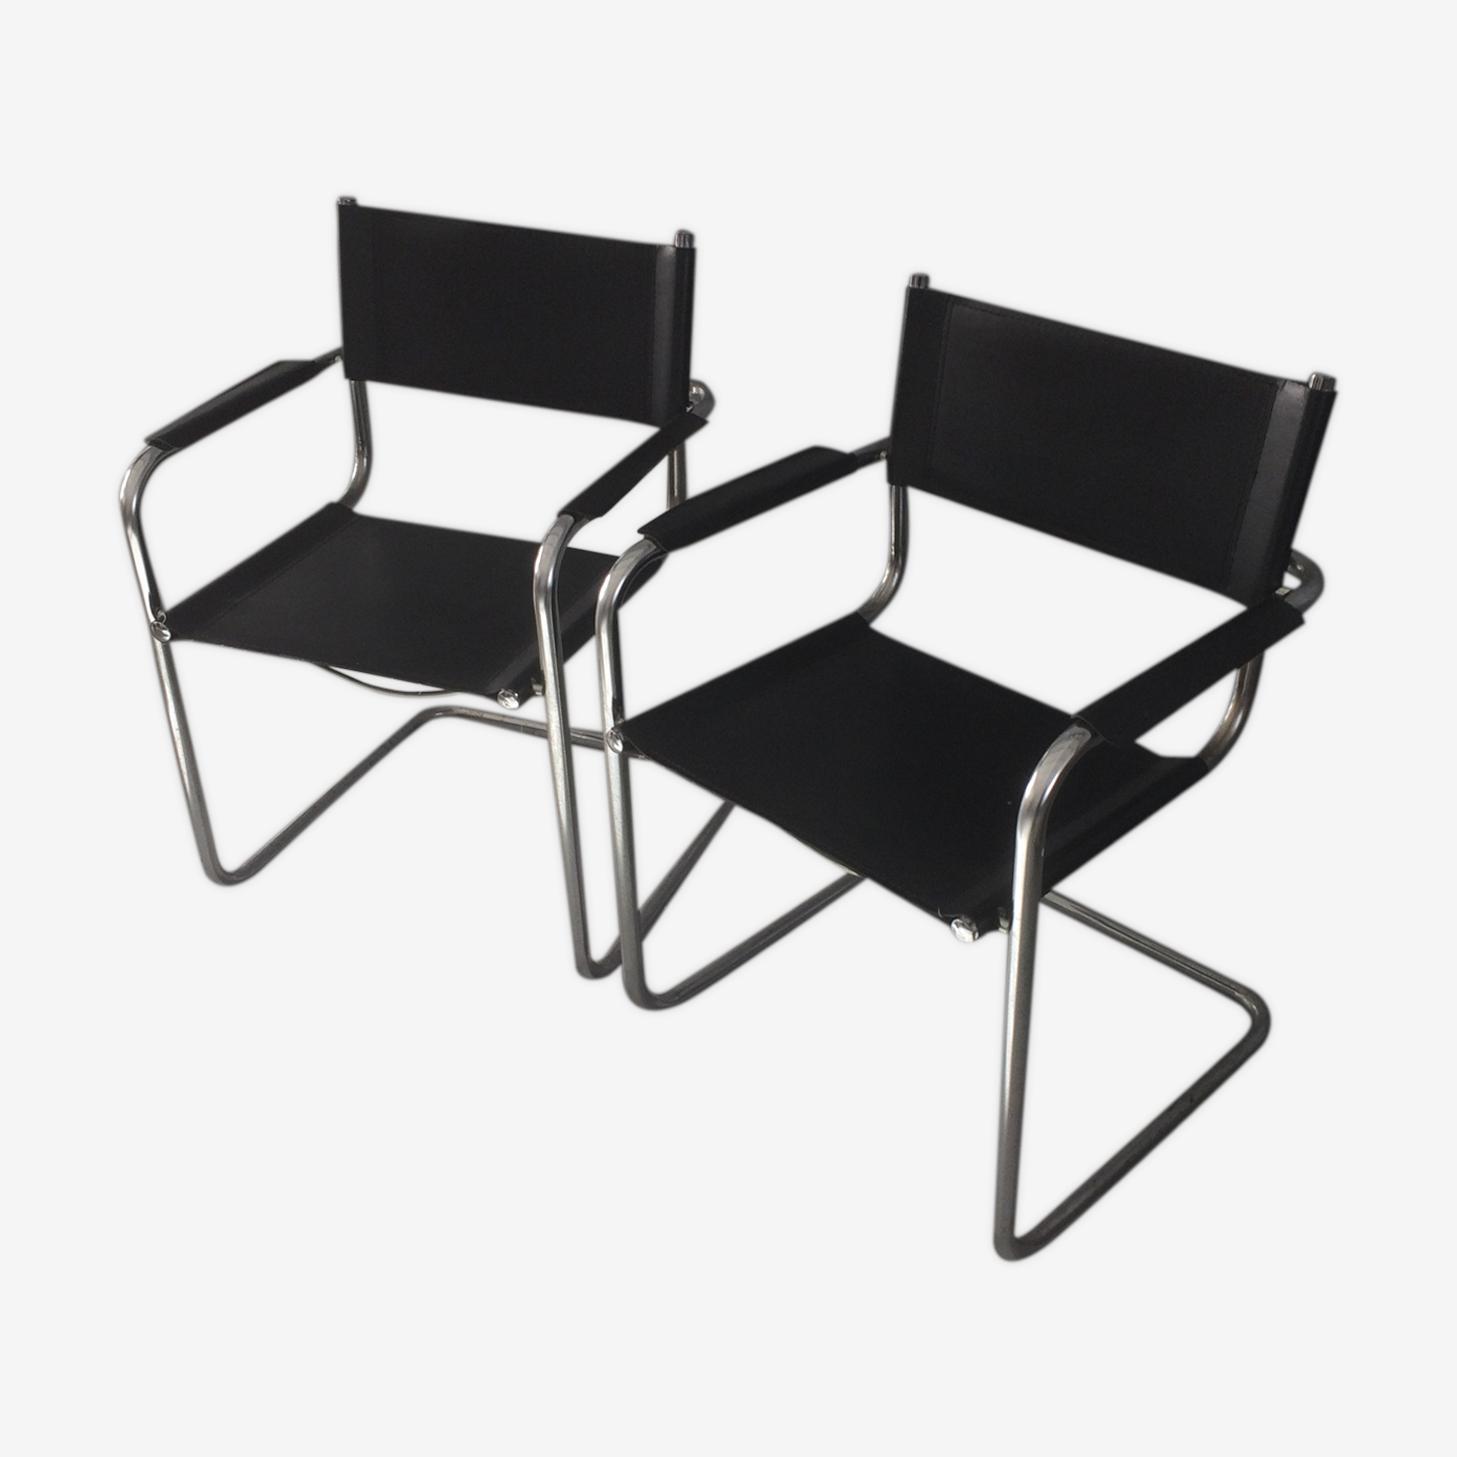 Paire de chaises chassis suspendu chromées/noires